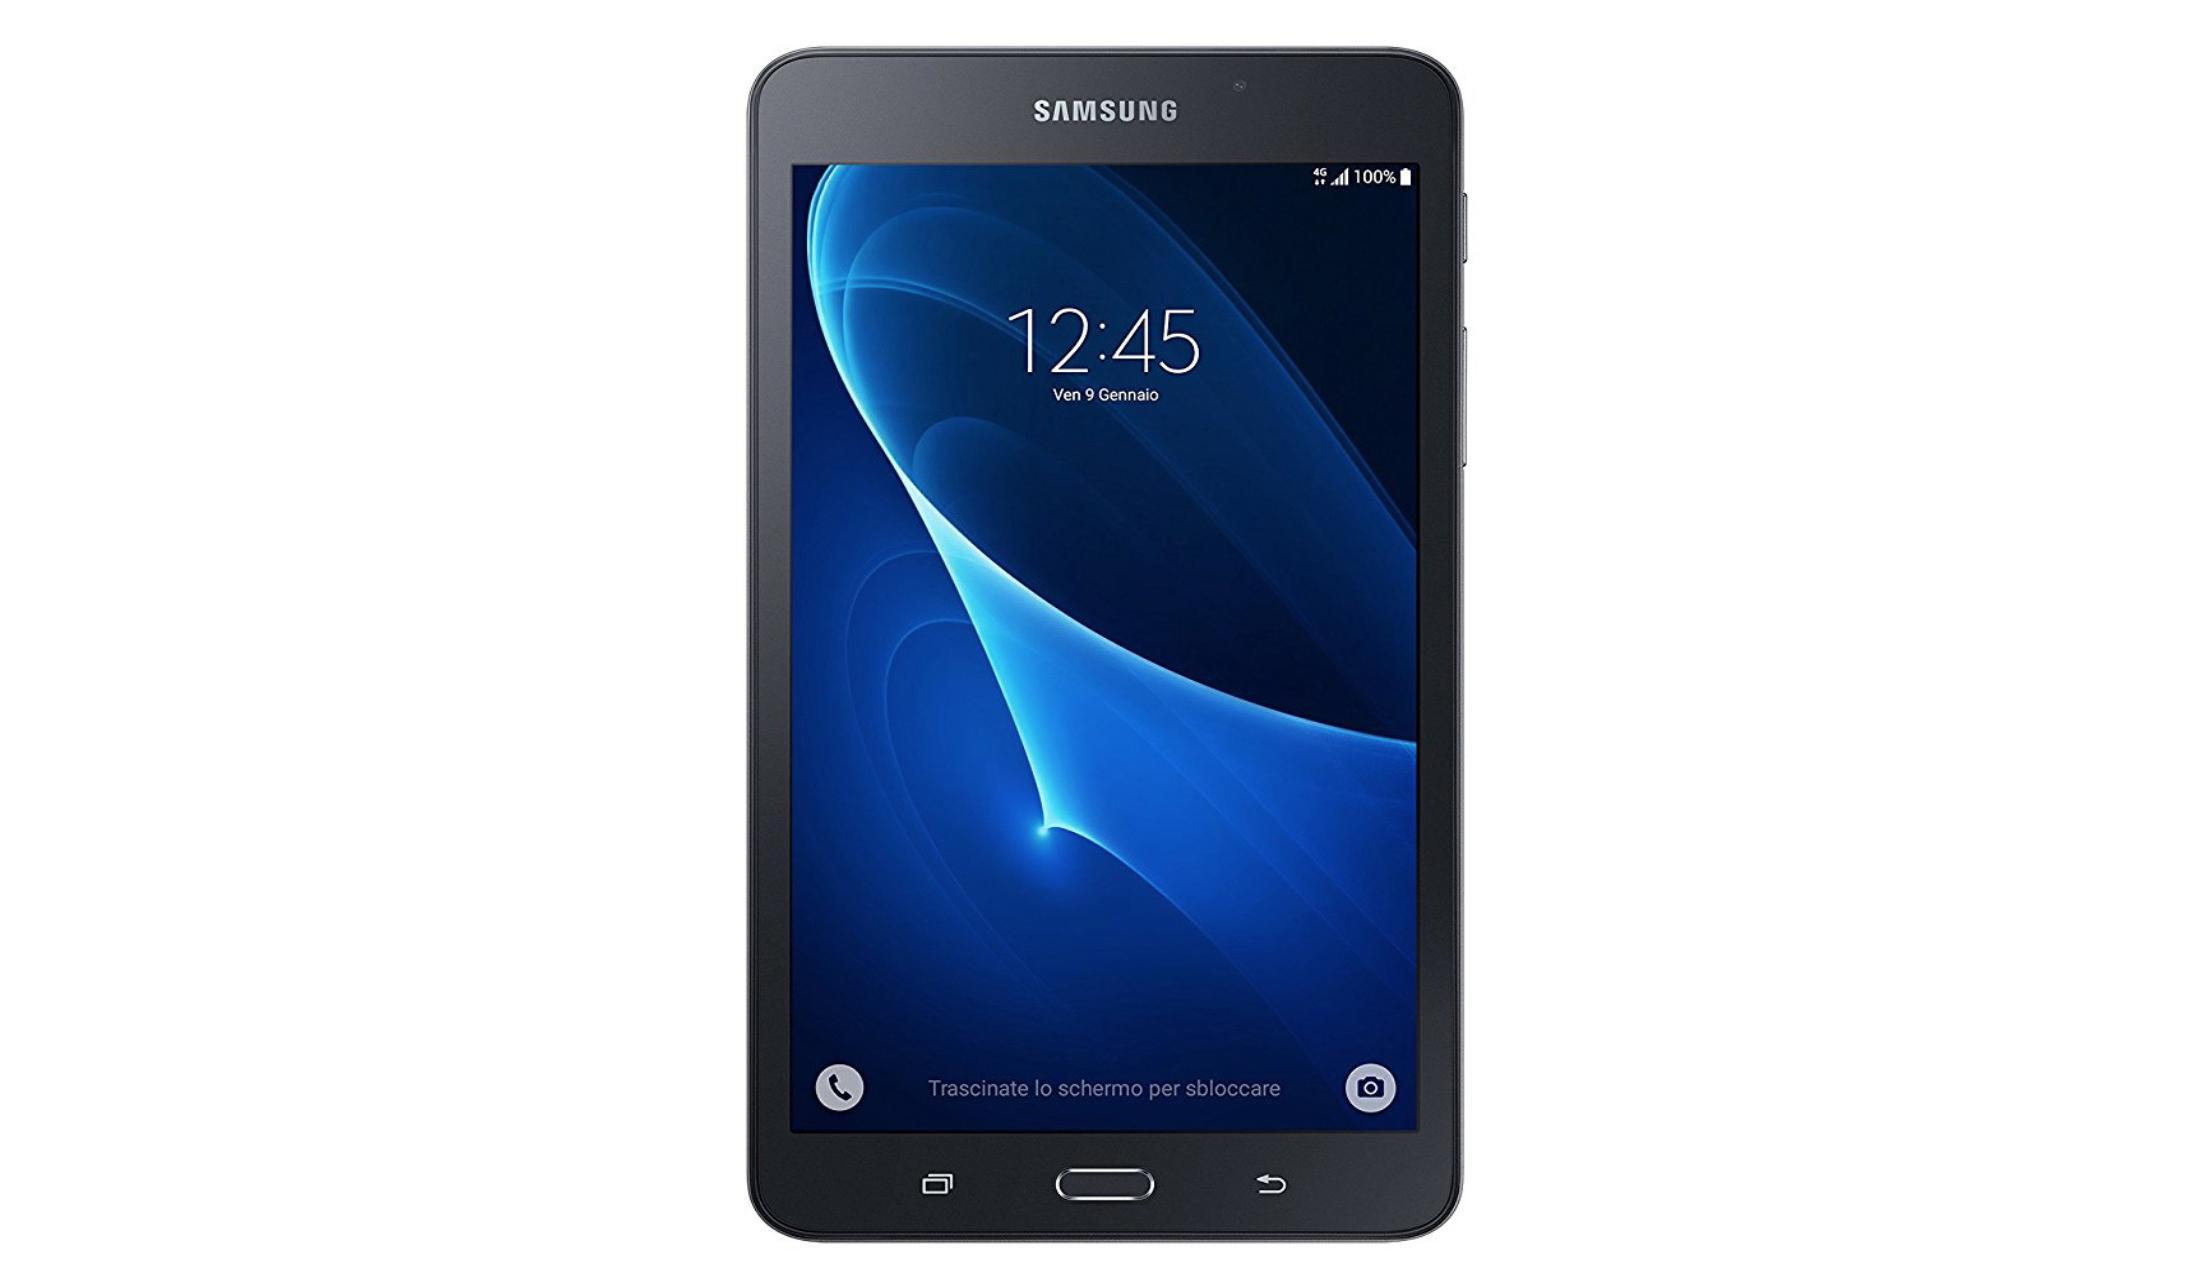 Samsung Galaxy Tab A LTE